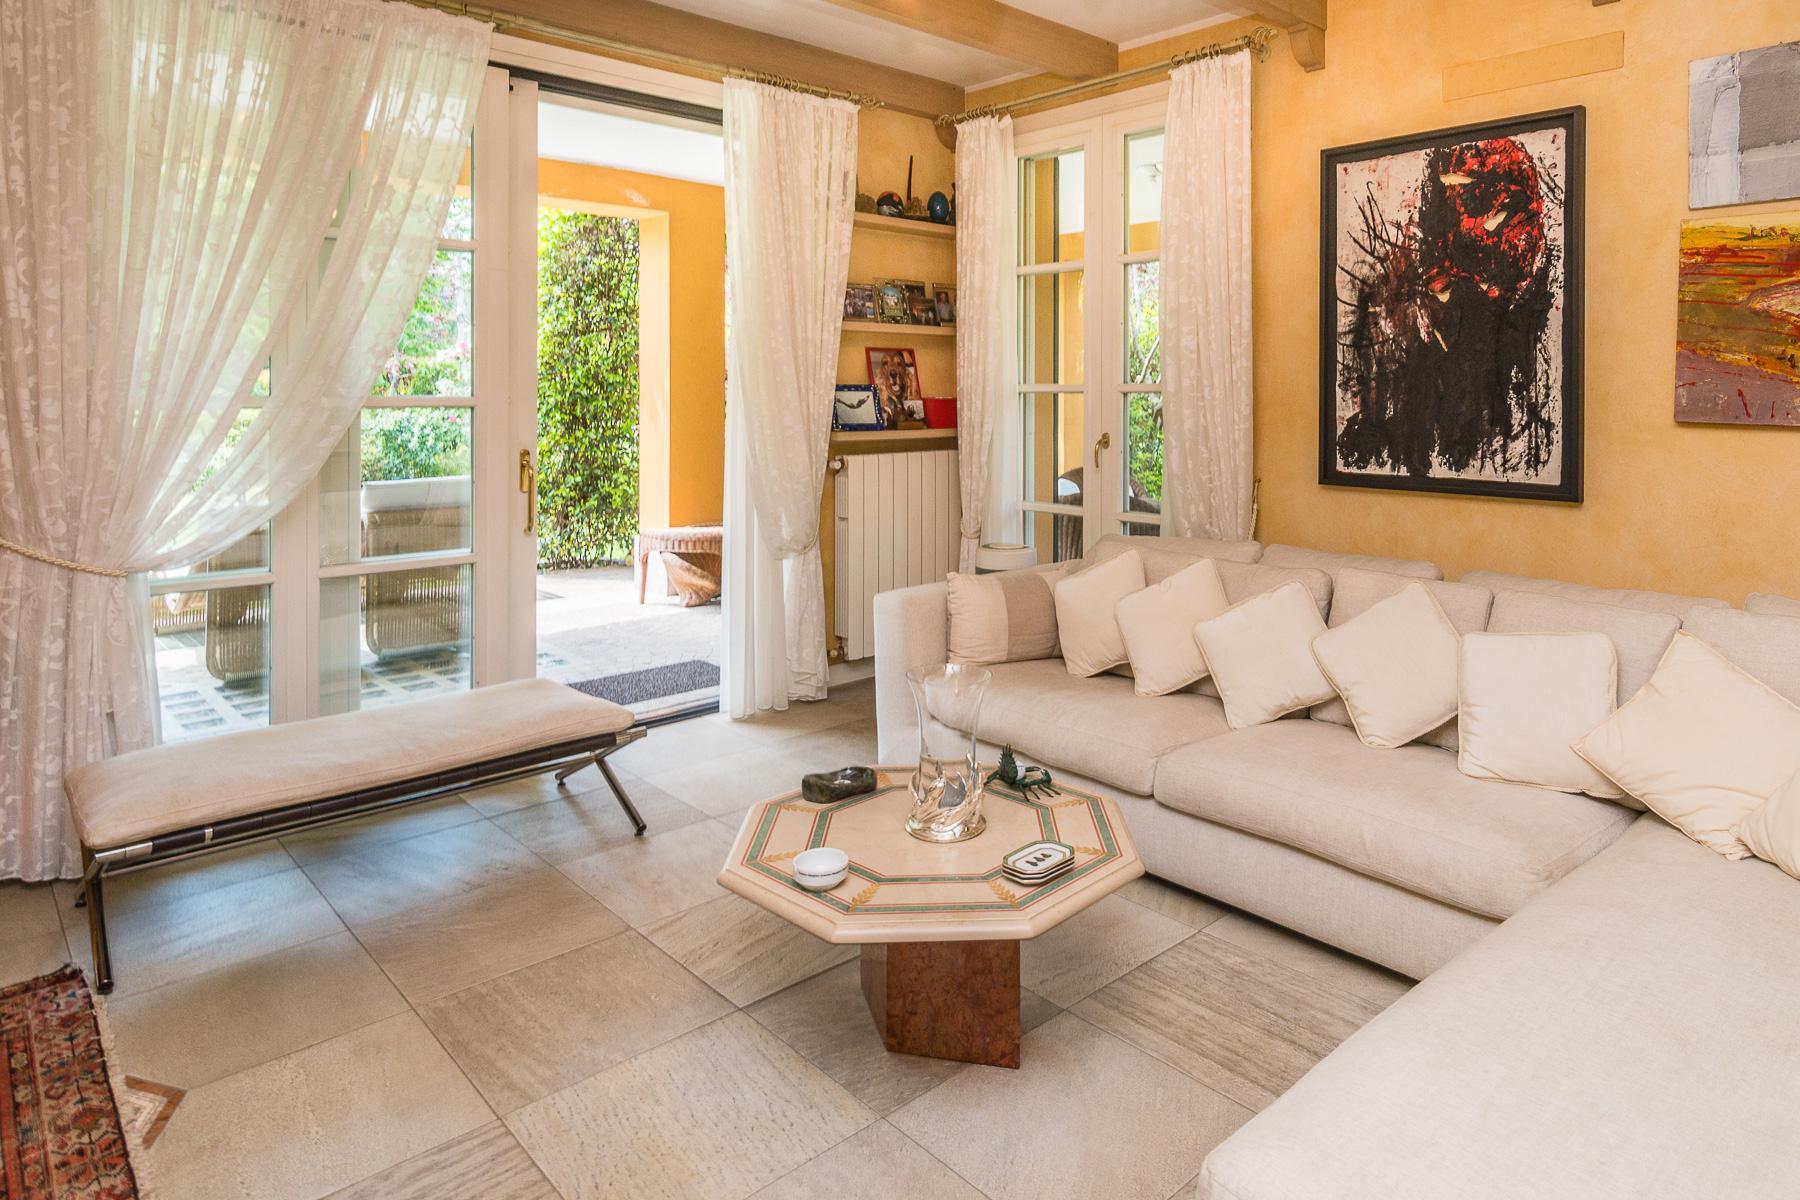 Golf Club de Castelconturbia, maison individuelle de 300 m² avec jardin de 1500 m² et jacuzzi - 13